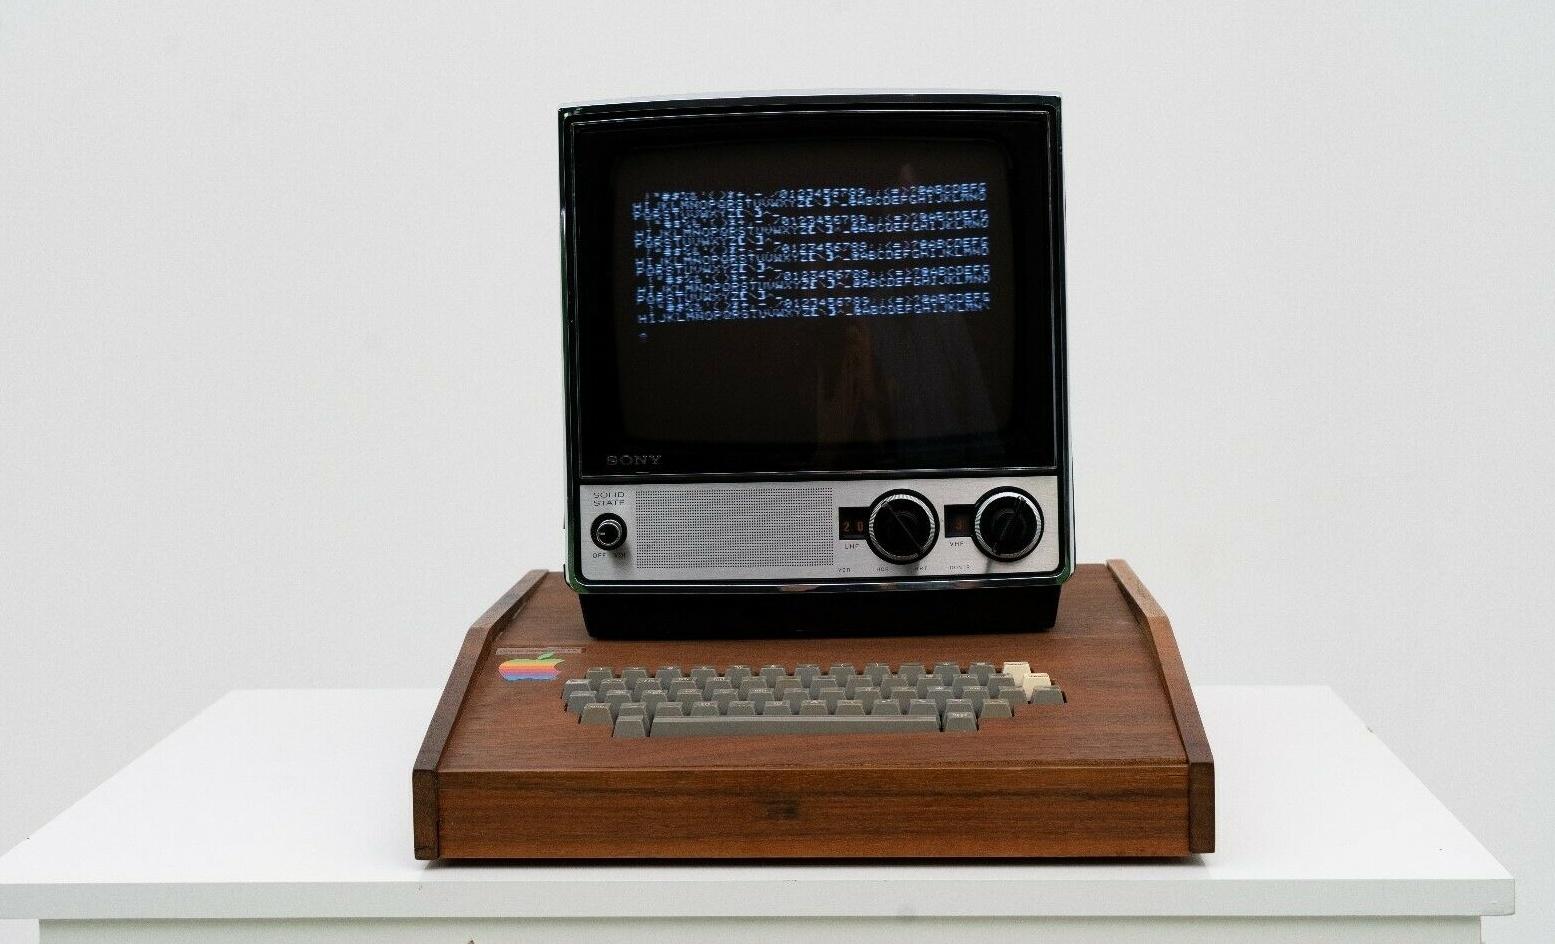 Оригинальный и полностью рабочий компьютер Apple I выпуска 1976 года впервые продают на eBay - 1